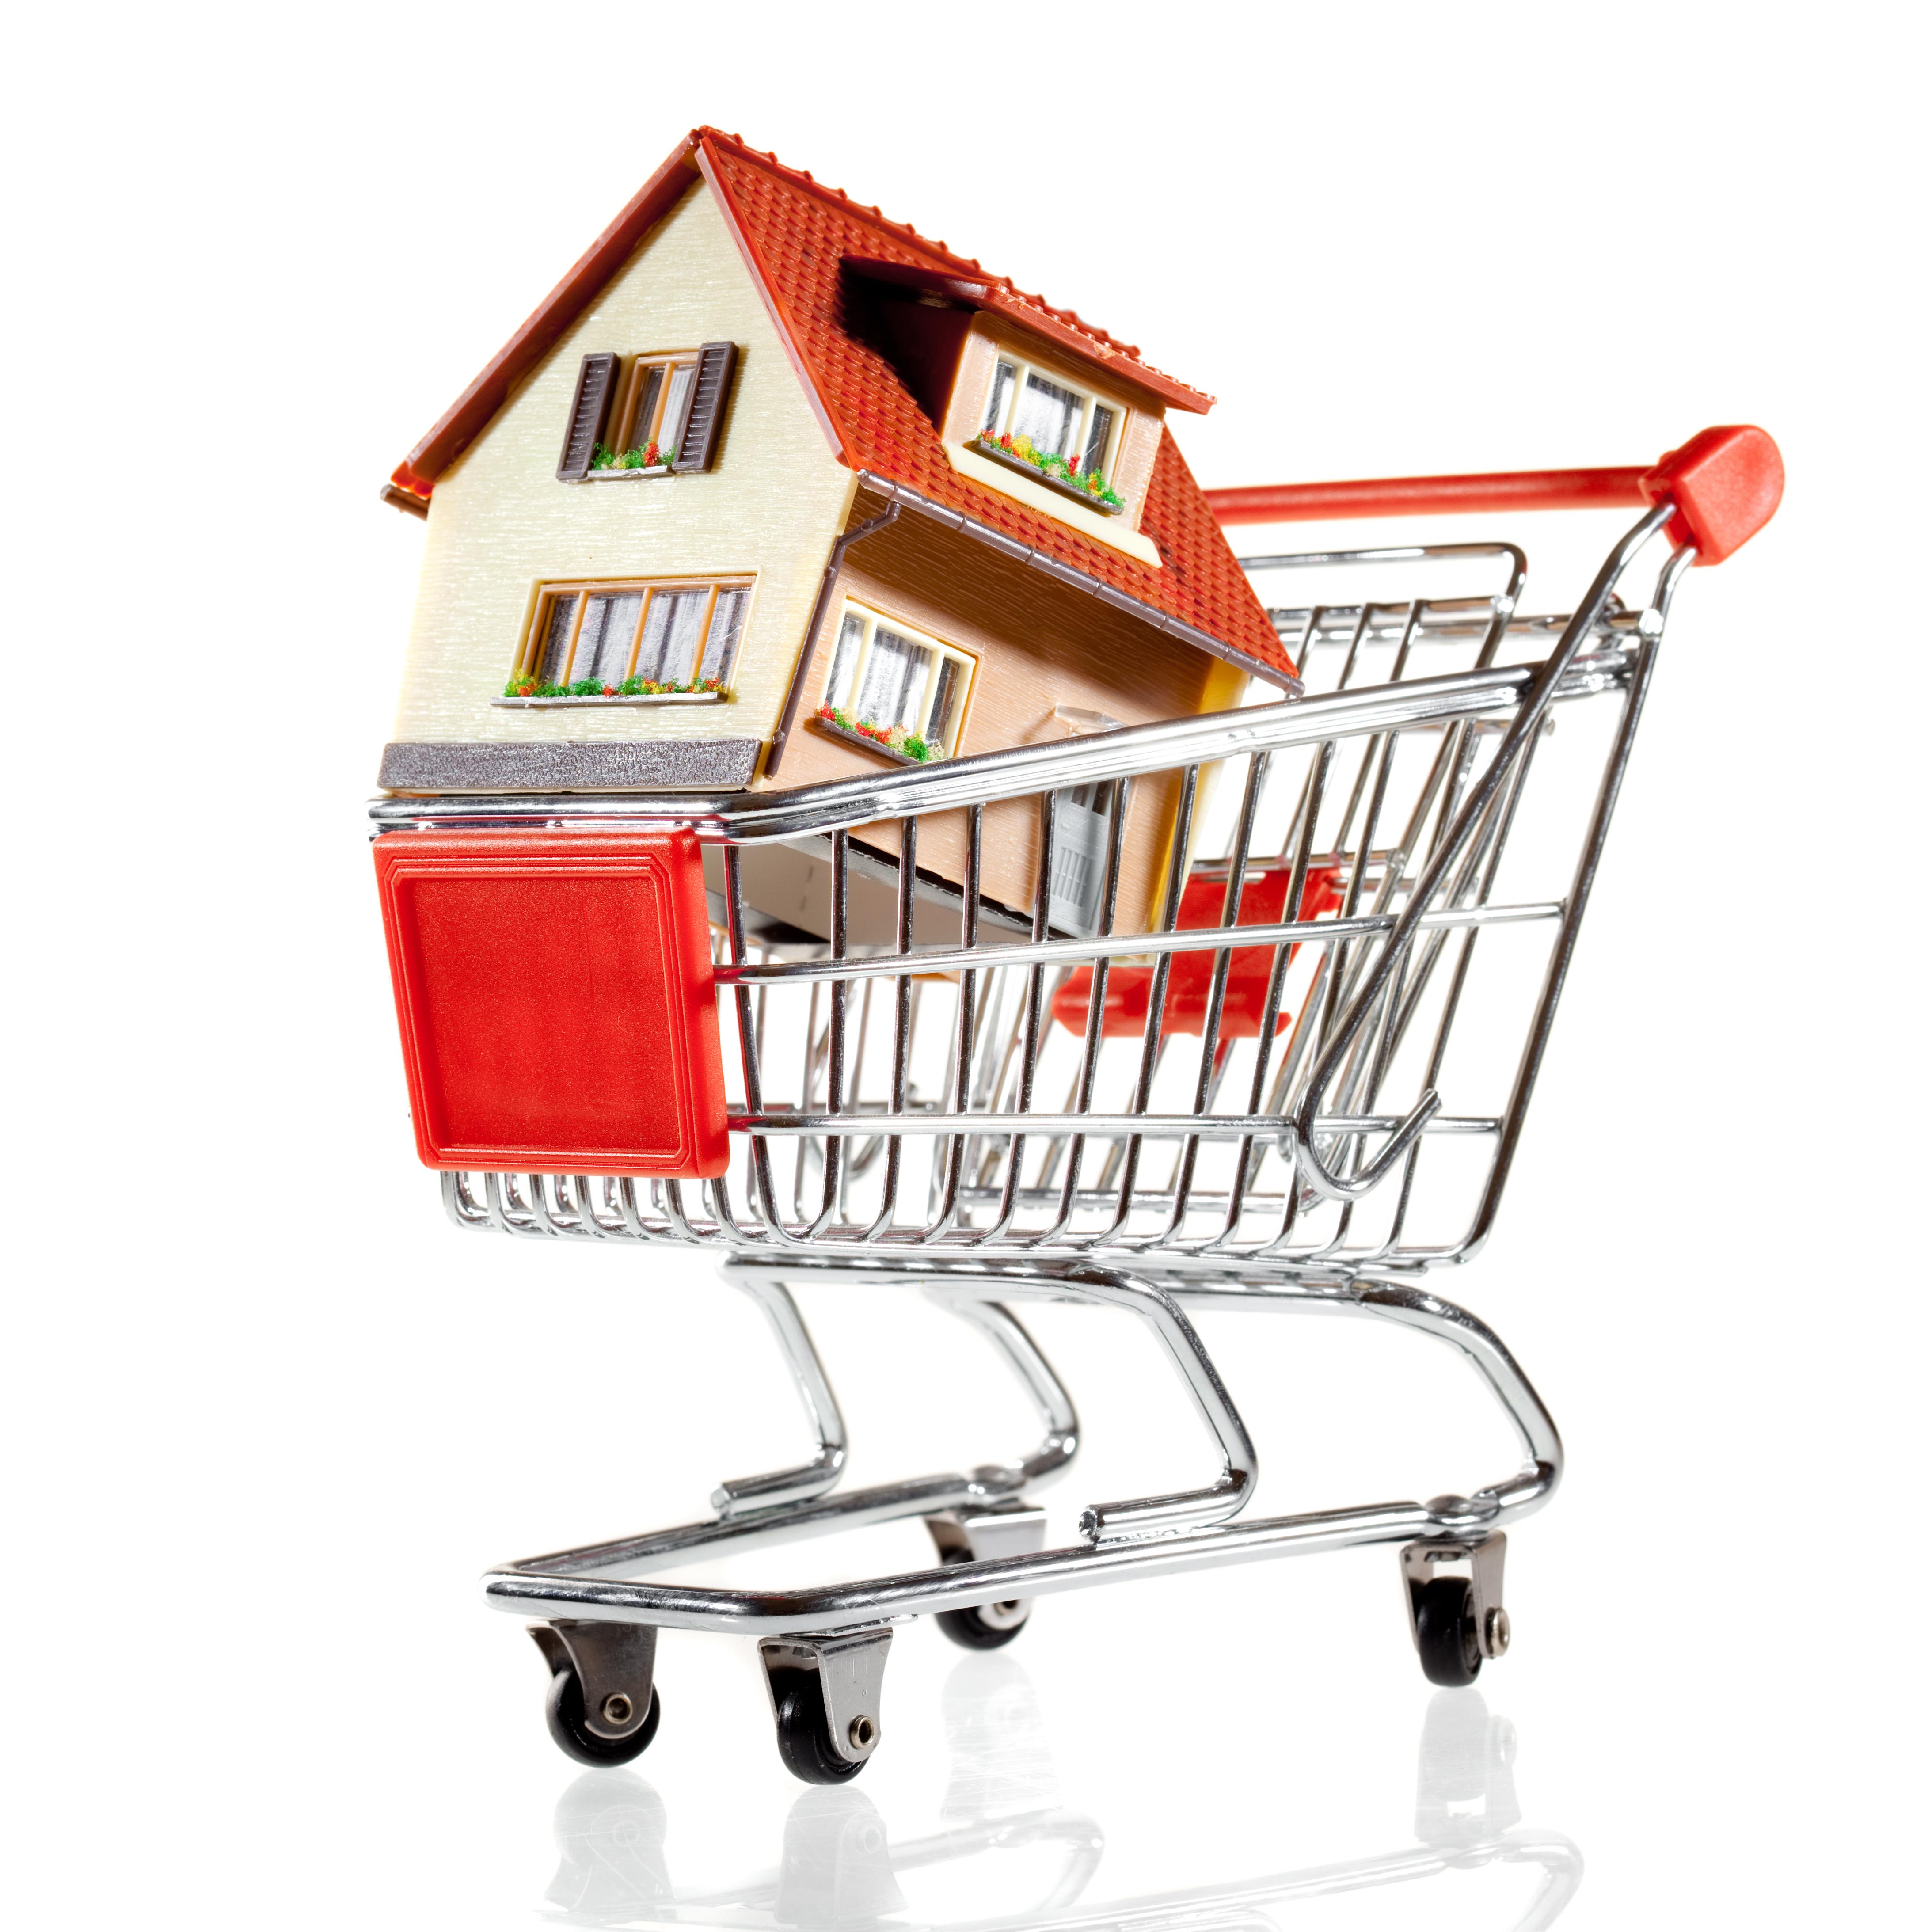 Les frais importants pr voir si on souhaite acheter une for Acheter une maison ouaga 2000